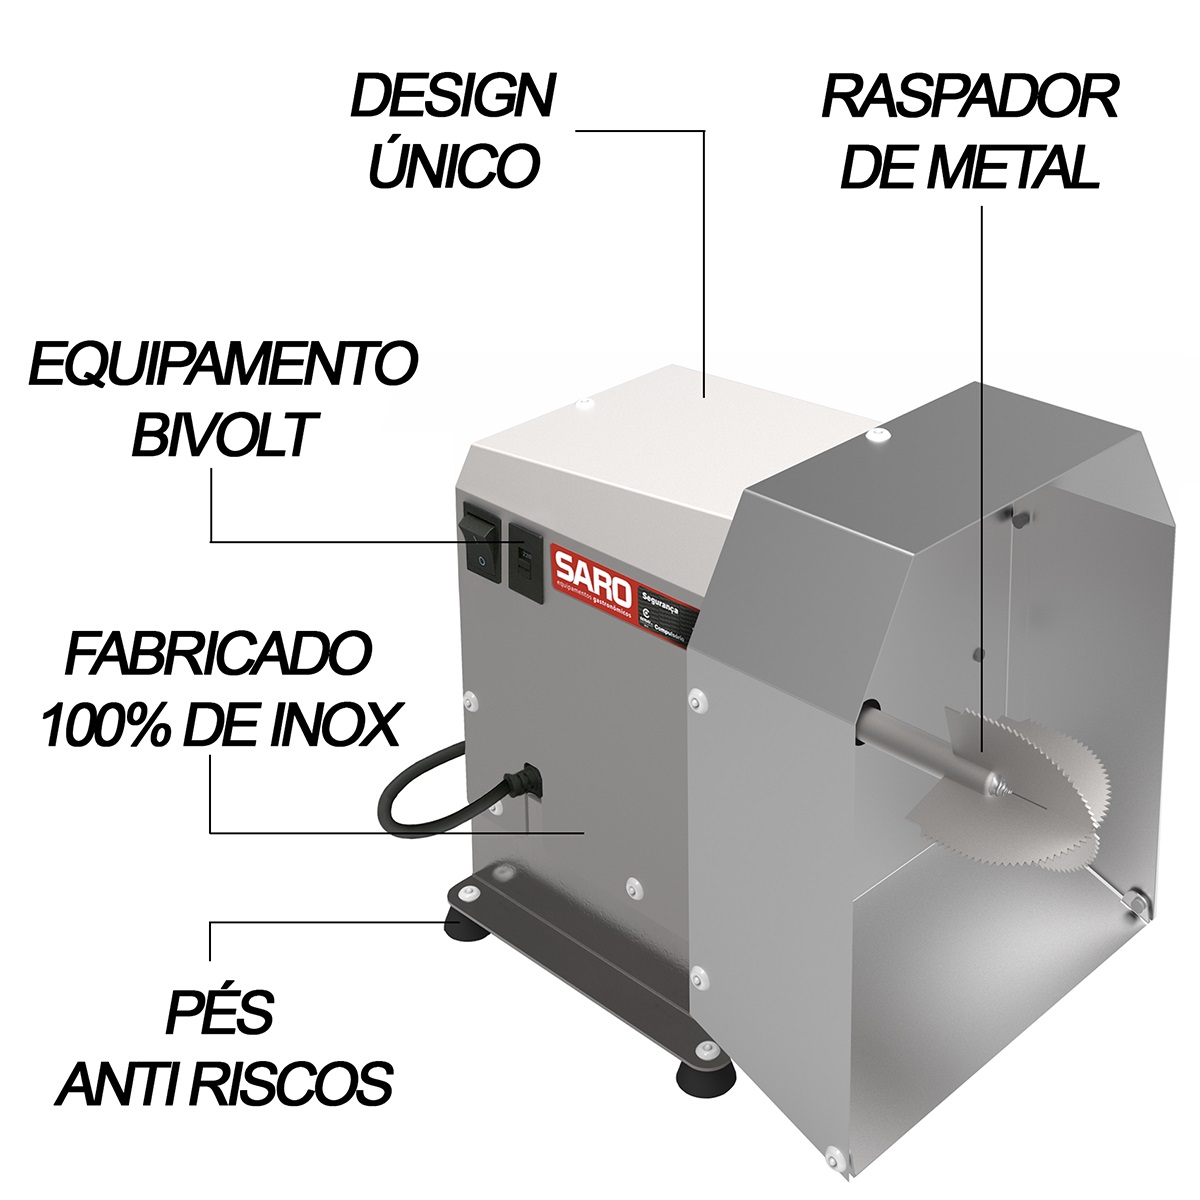 Ralador de Coco Raspador Elétrico Inox Profissional Bivolt - Saro  - Carmel Equipamentos